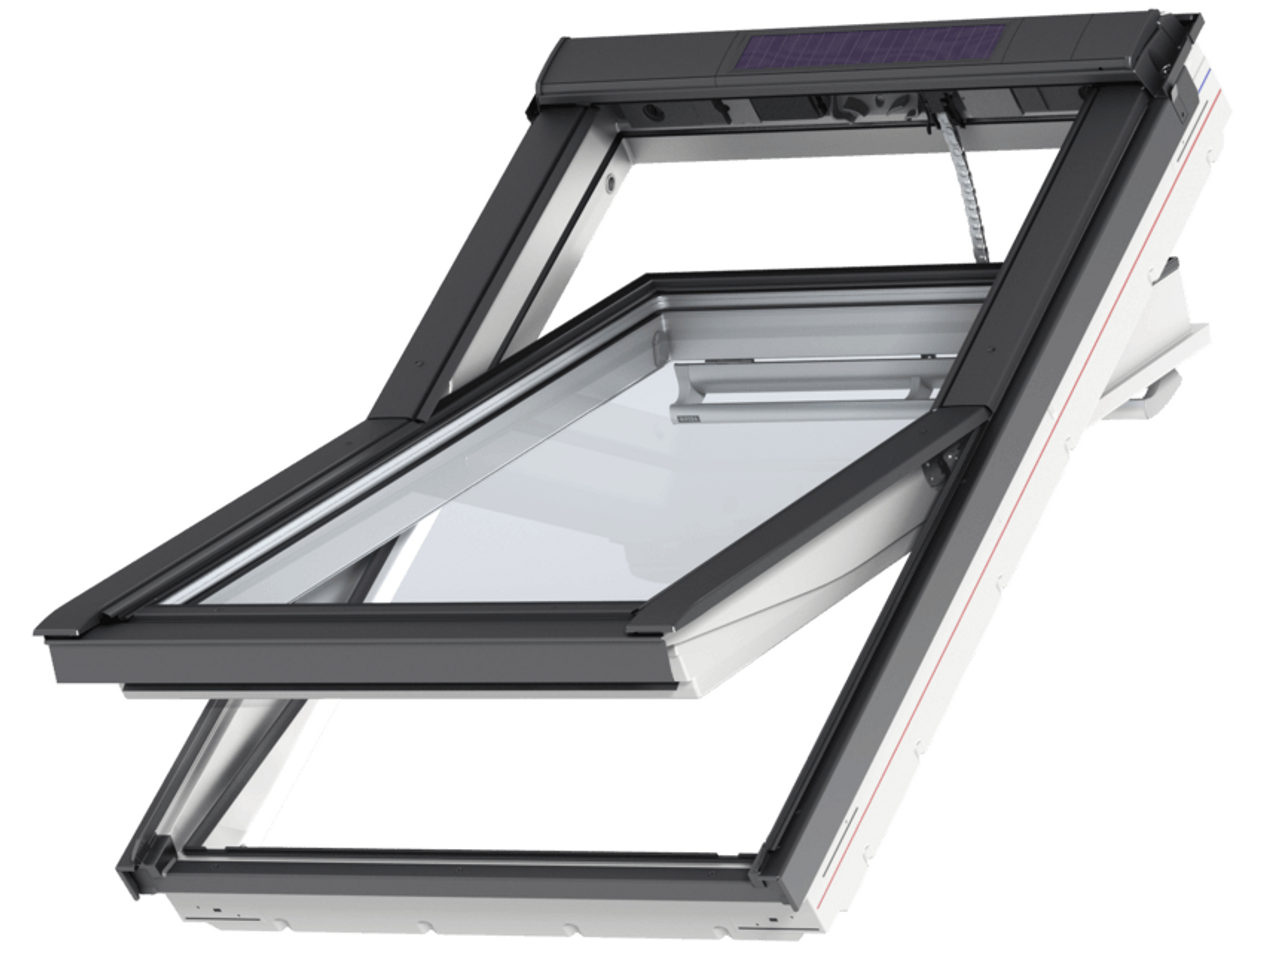 VELUX 21-5/8 x 30-5/8 Center-Pivot Window - GGU-CK02